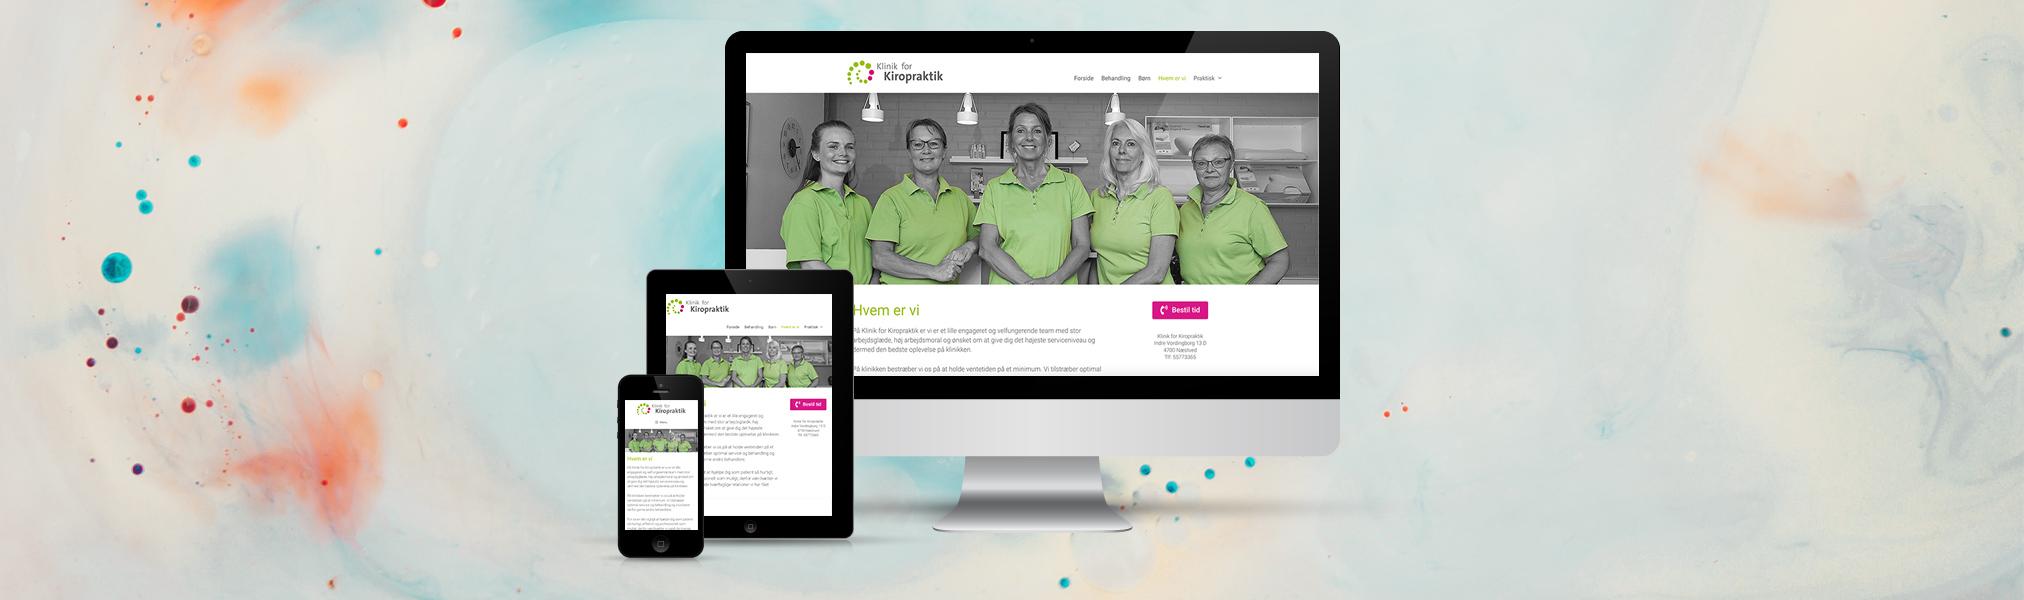 hjemmesidedesign-kiropraktik-ny